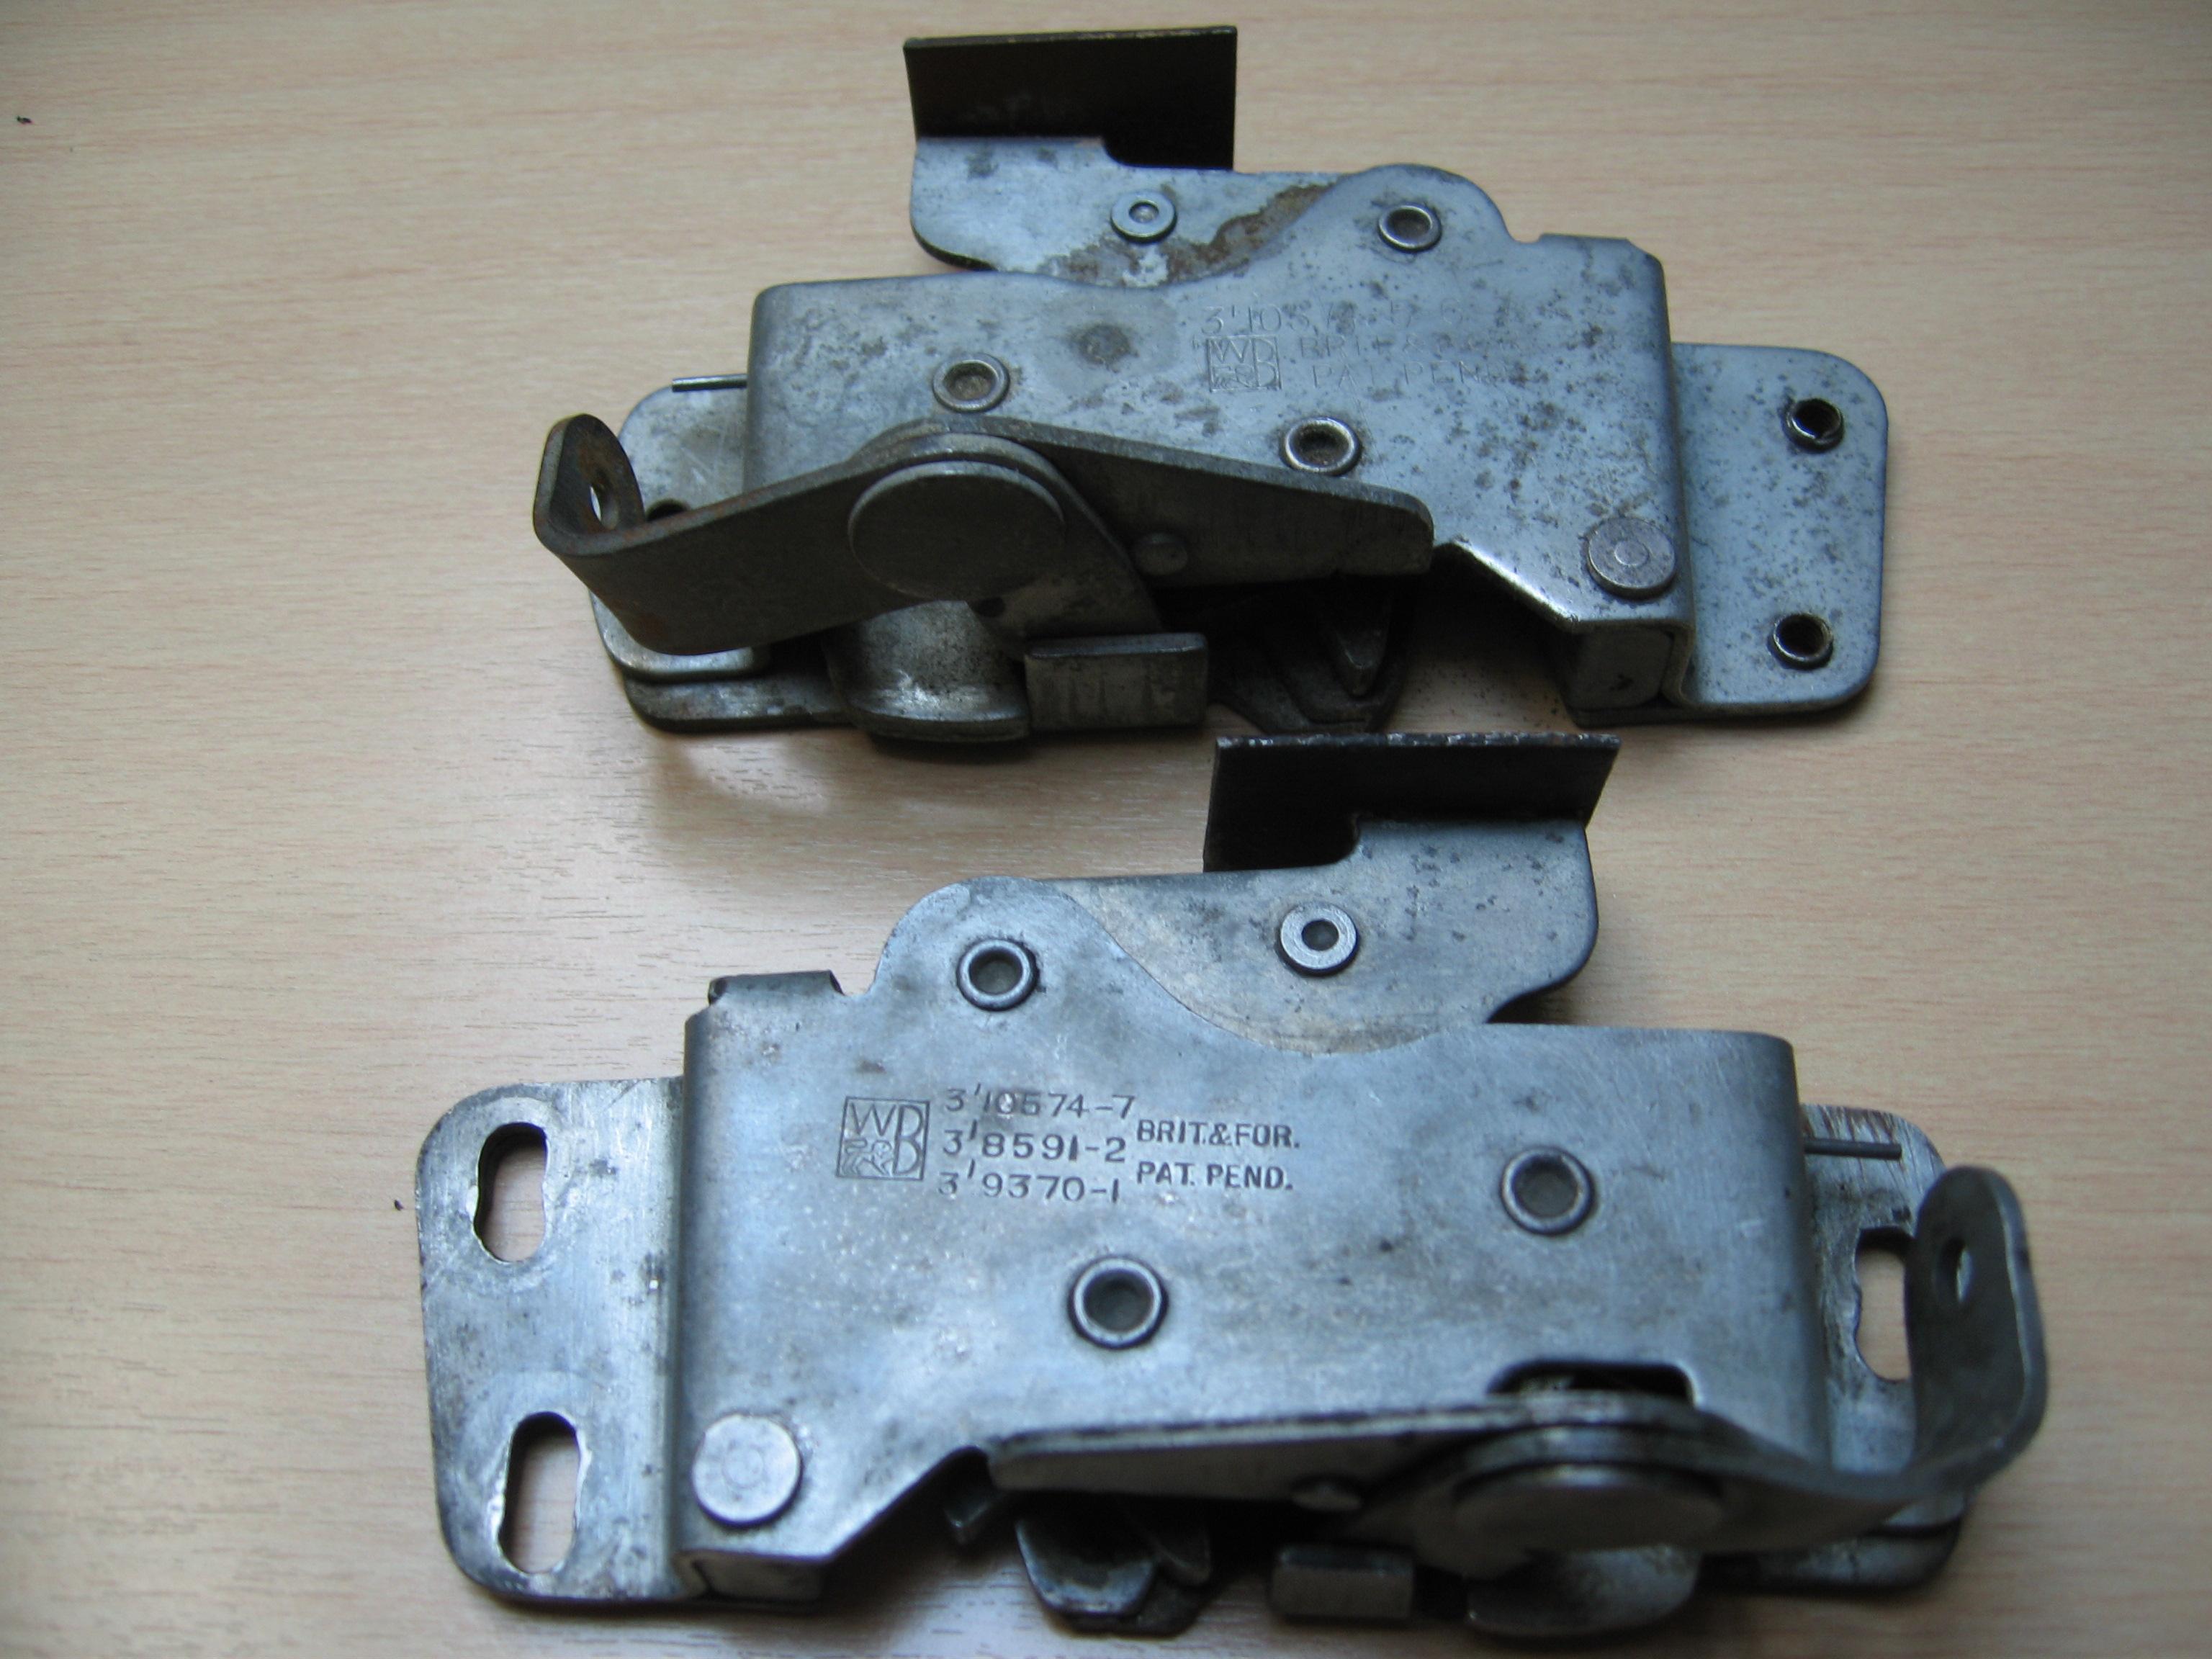 ... Door Lock WB for Turner Mk 1 & Turner 950 Mk 1 Door Locks | Turner 950 Part and Assembly Information Pezcame.Com